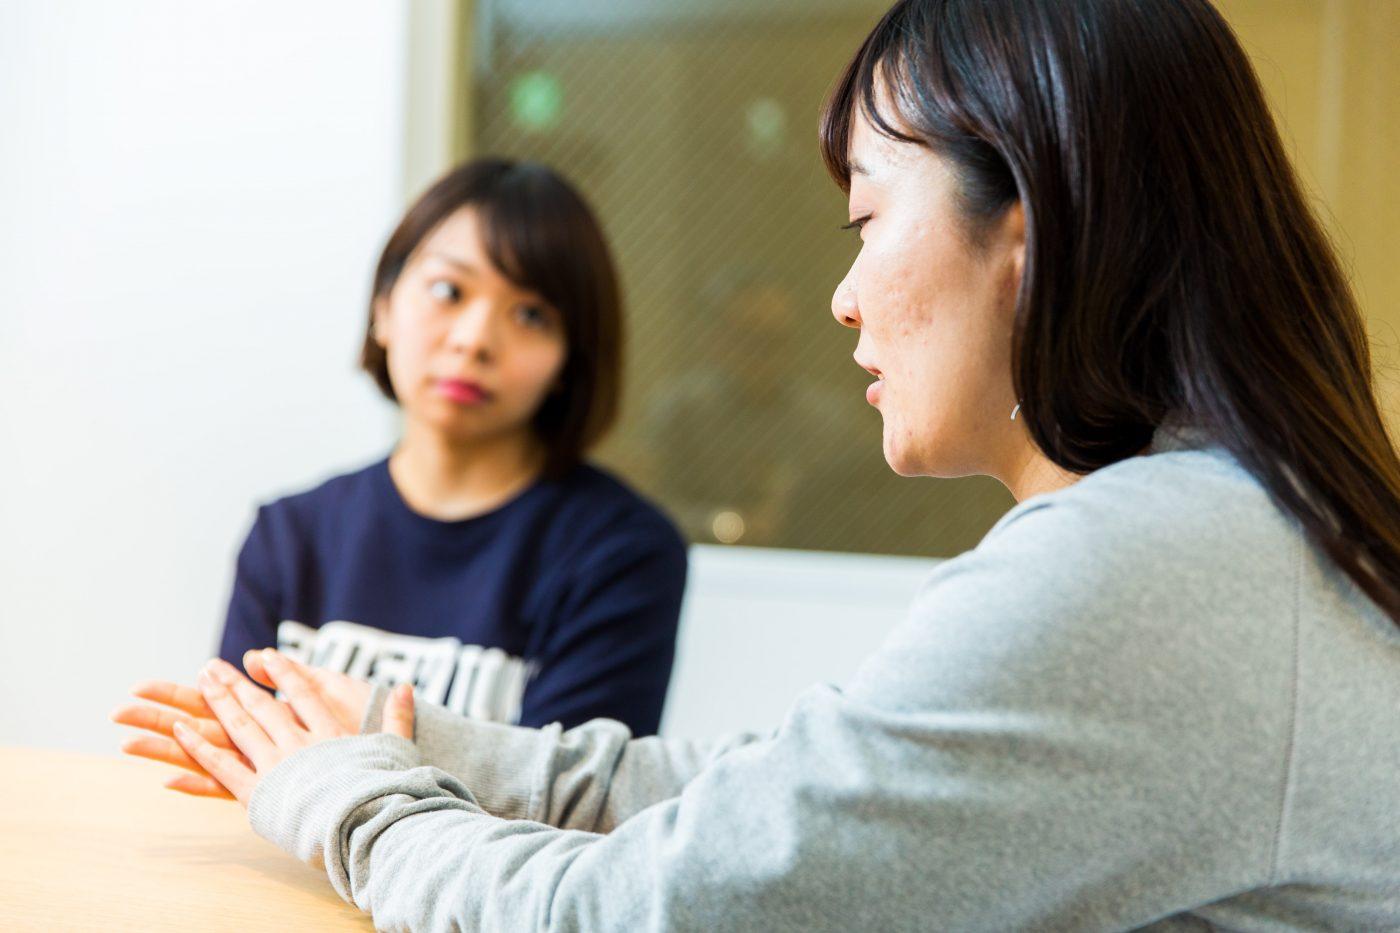 2016年から運営チームにジョインしている彼女たちにとって、Slush Tokyoはスタートアップがかっこいいことを伝えるイベントだという。他のスタートアップ系のイベントとの違いは今の仕事や国籍、性別、に関わらずすべての参加者のマインドセットを変え、次のイノベーター達を生み出すことを目的にしている点だ。